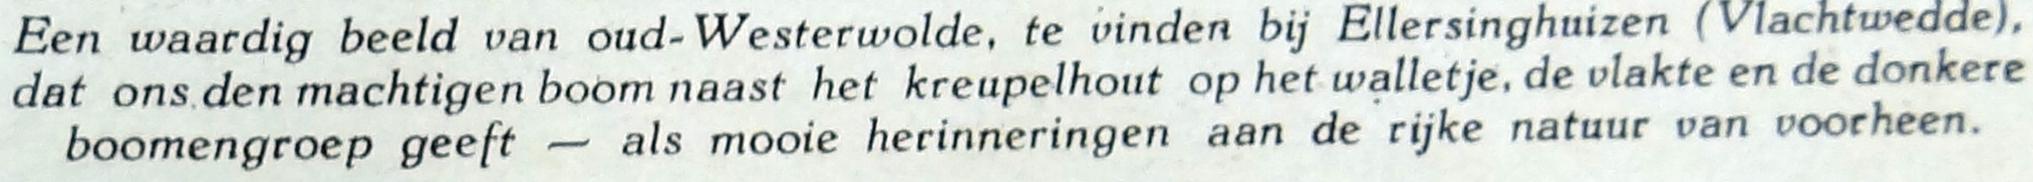 het Noorden in Woord en Beeld 21 maart 1930 eik Ellersinghuizen